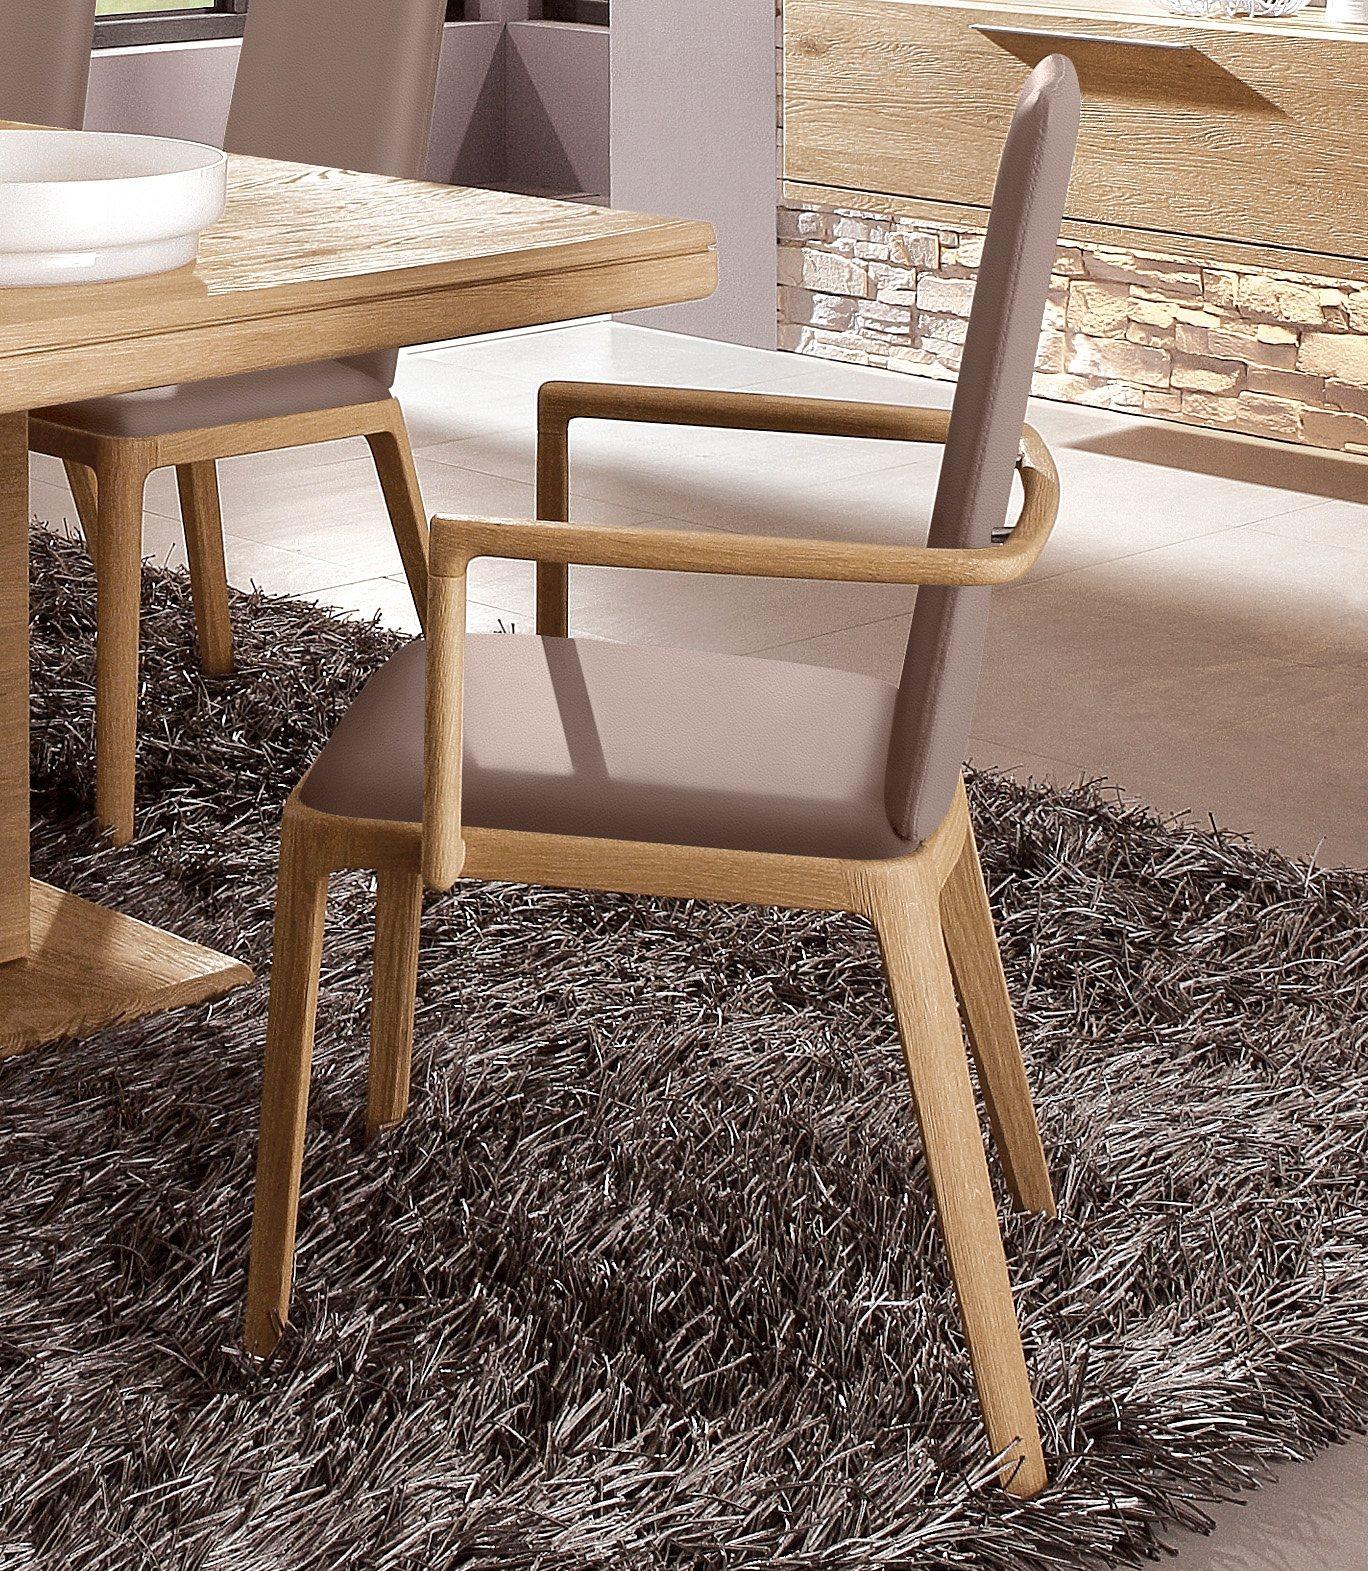 hartmann Armlehnstühle online kaufen | Möbel-Suchmaschine ...